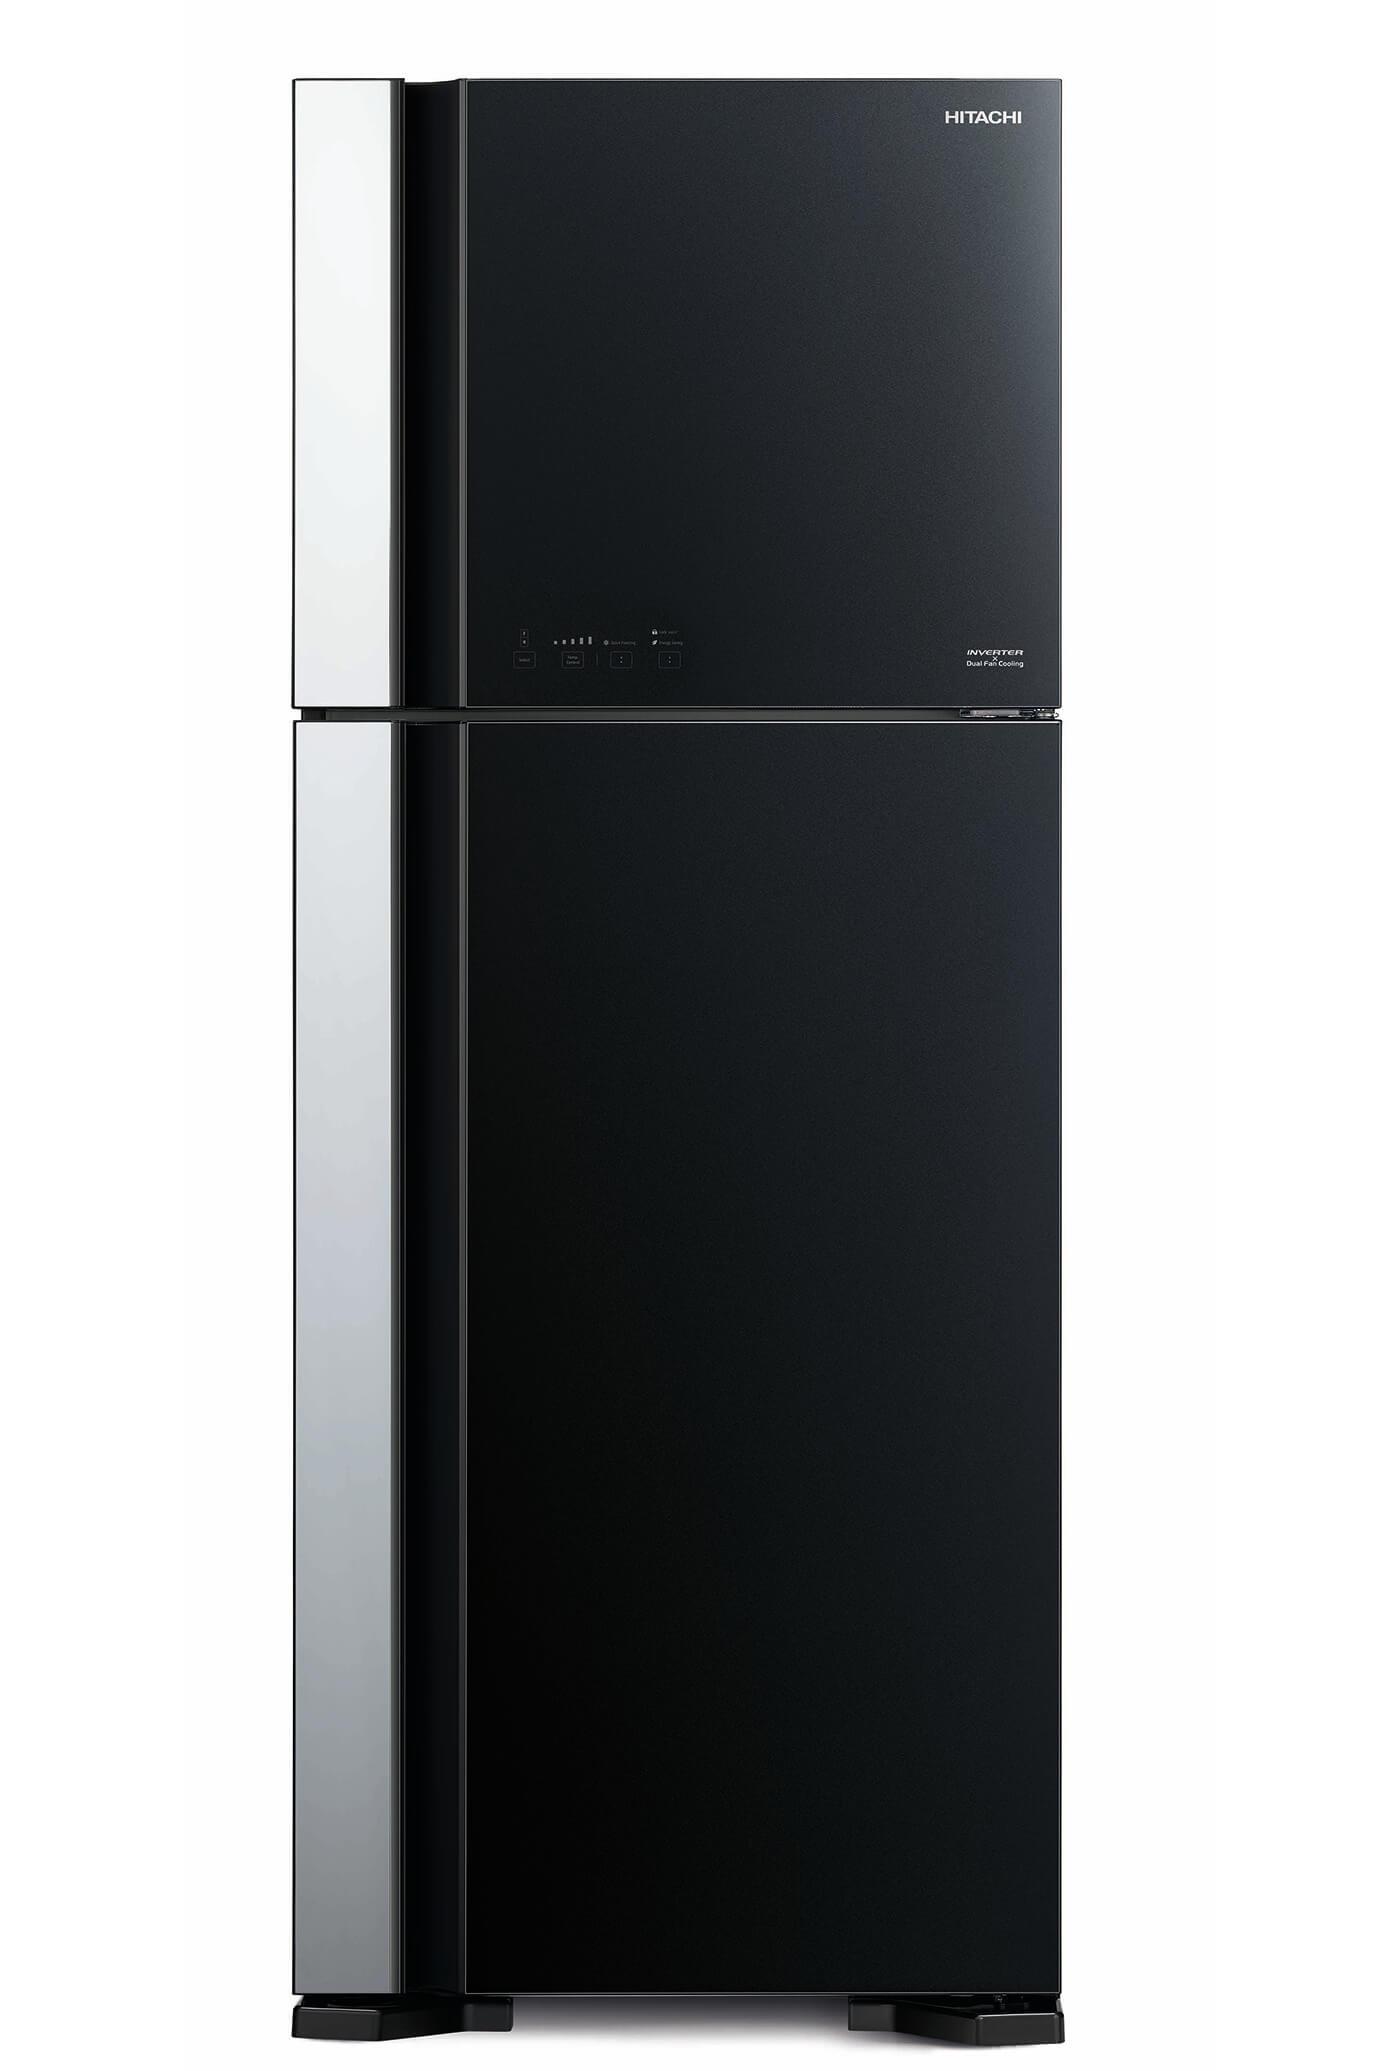 R-VG540PUC7GBK